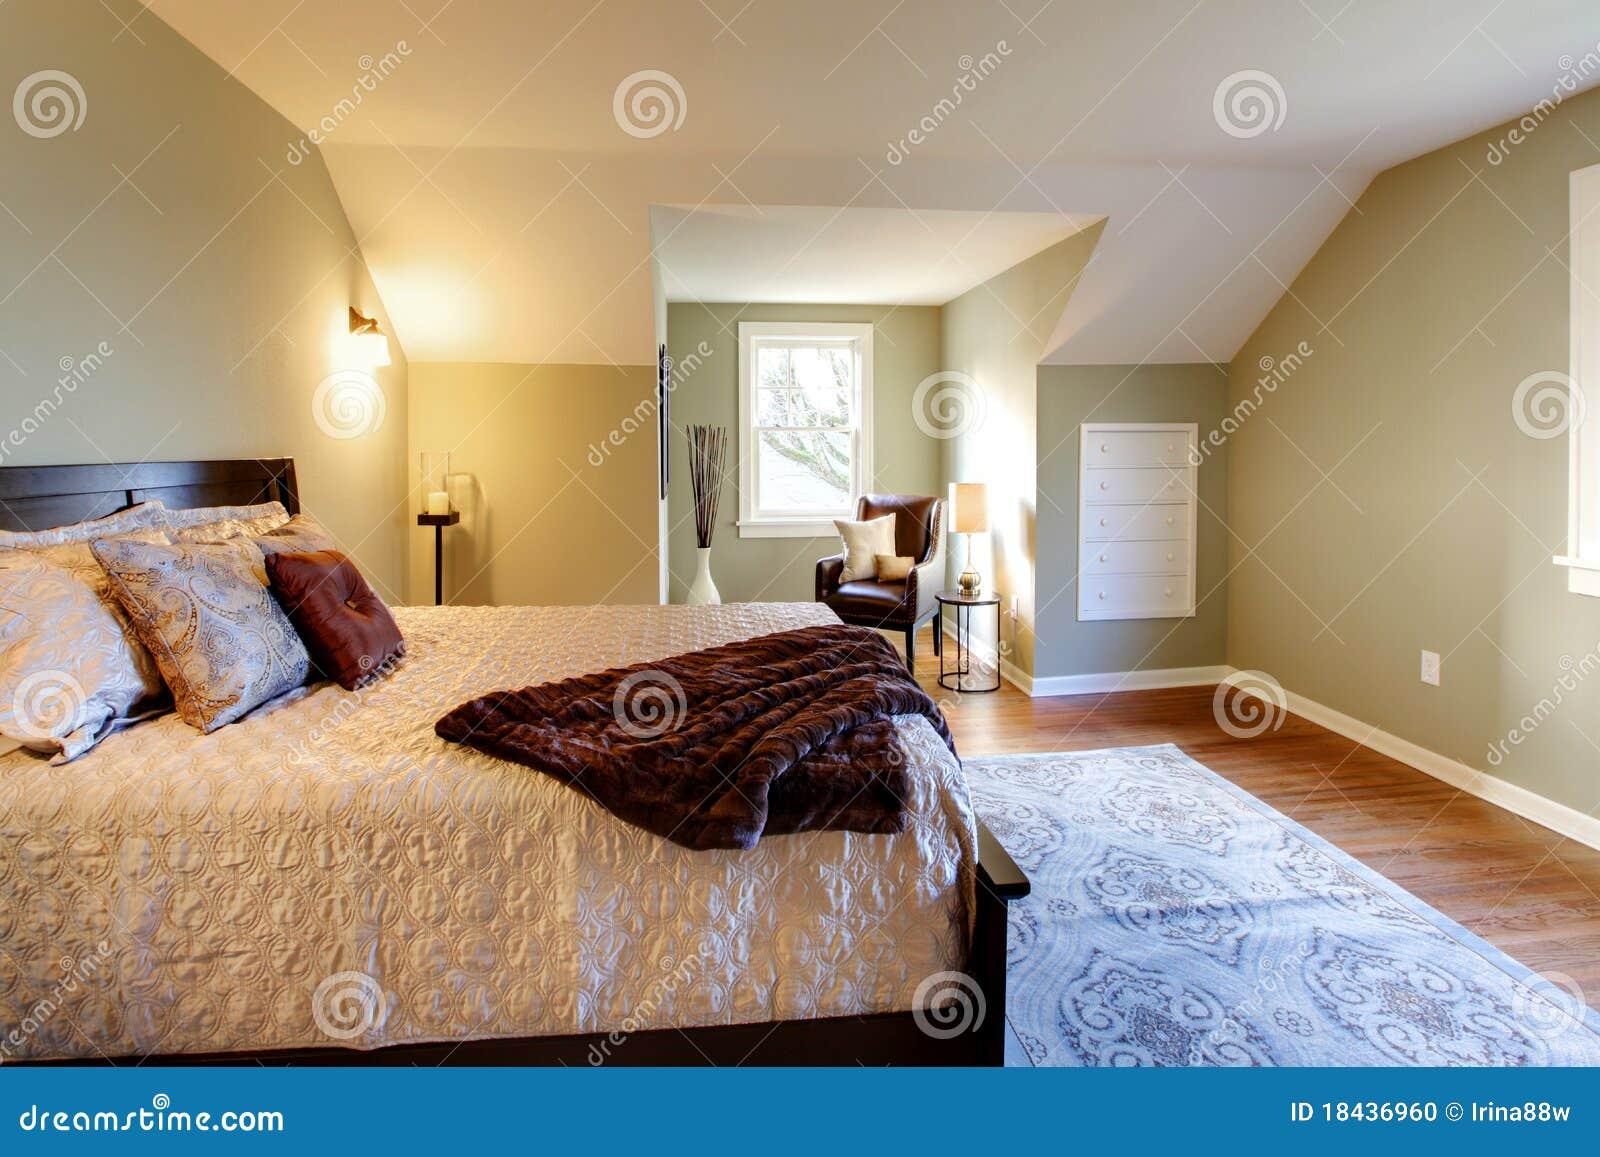 Camera Da Letto Moderna Marrone : Camera da letto verde fresca con la base marrone moderna fotografia